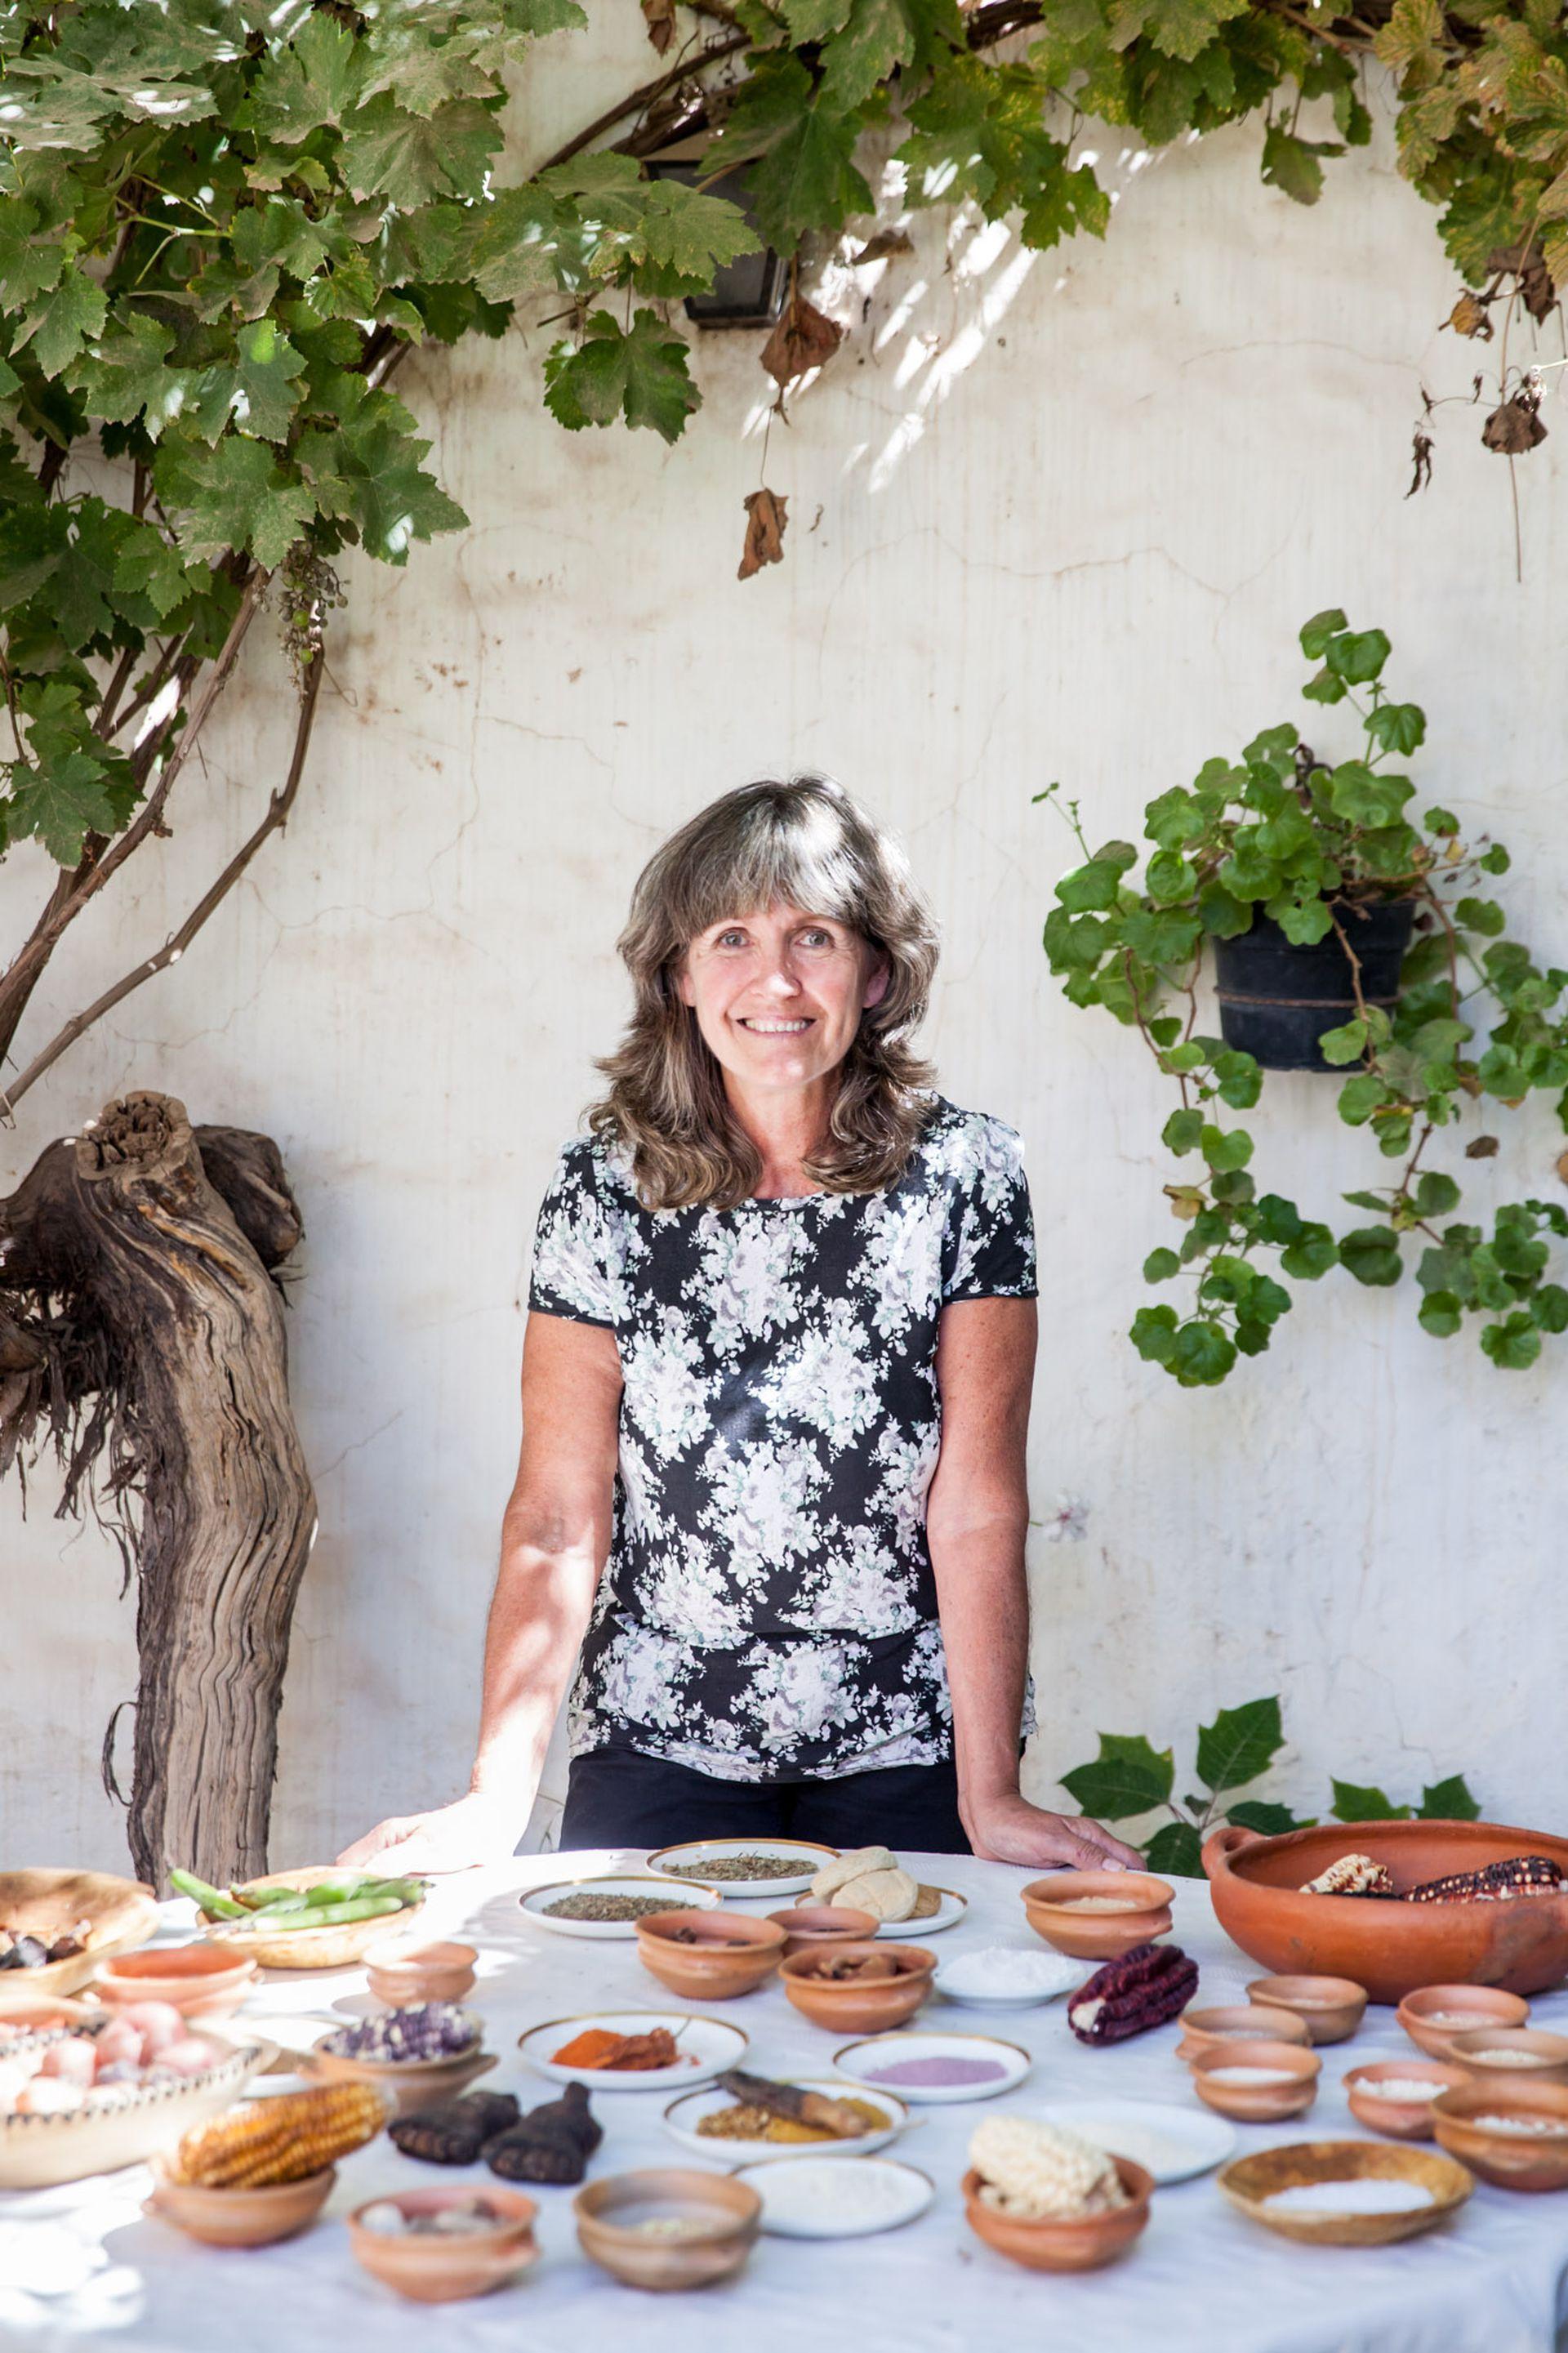 La antropóloga y chef Mercedes Costa expone todos los ingredientes andinos.